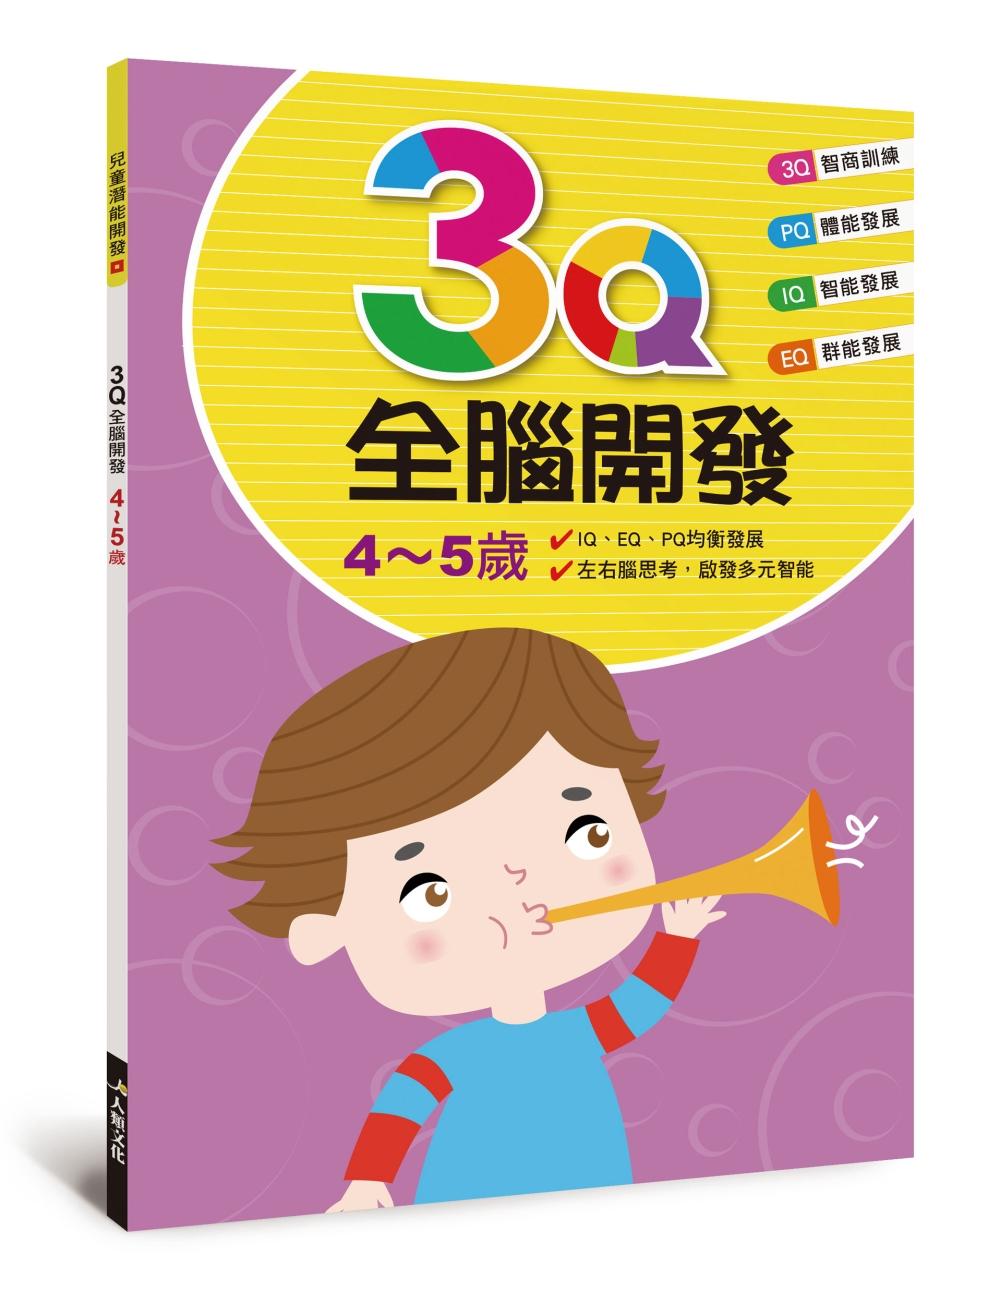 兒童潛能開發:3Q全腦開發(4~5歲)